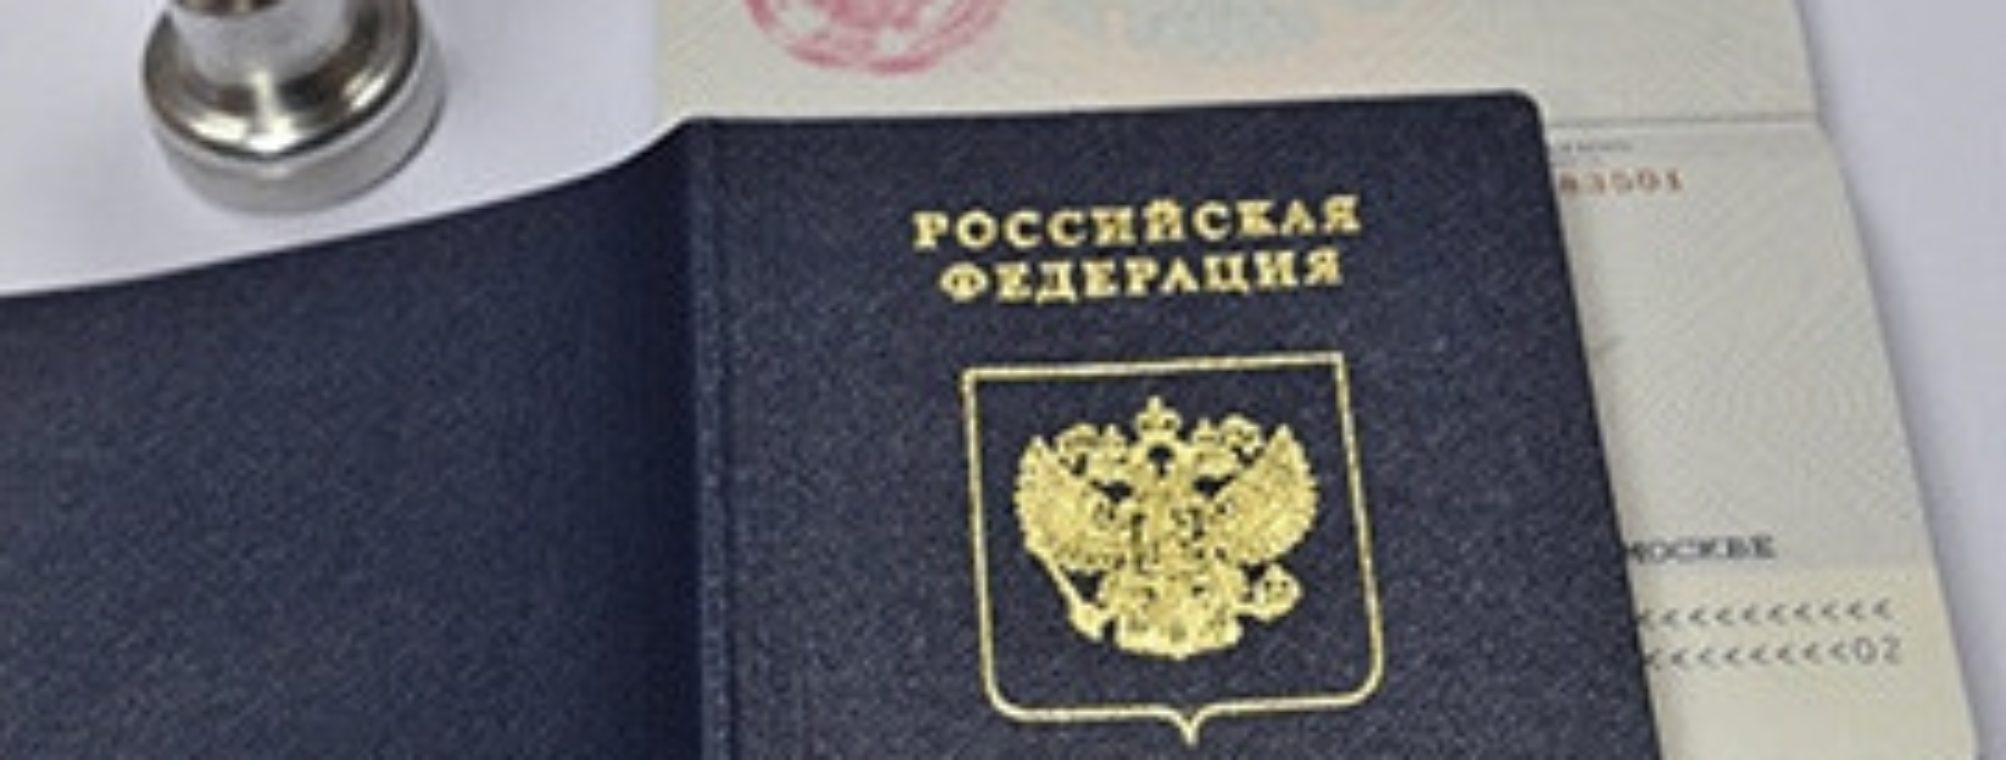 Как и где получить гражданство россии по программе соотечественника